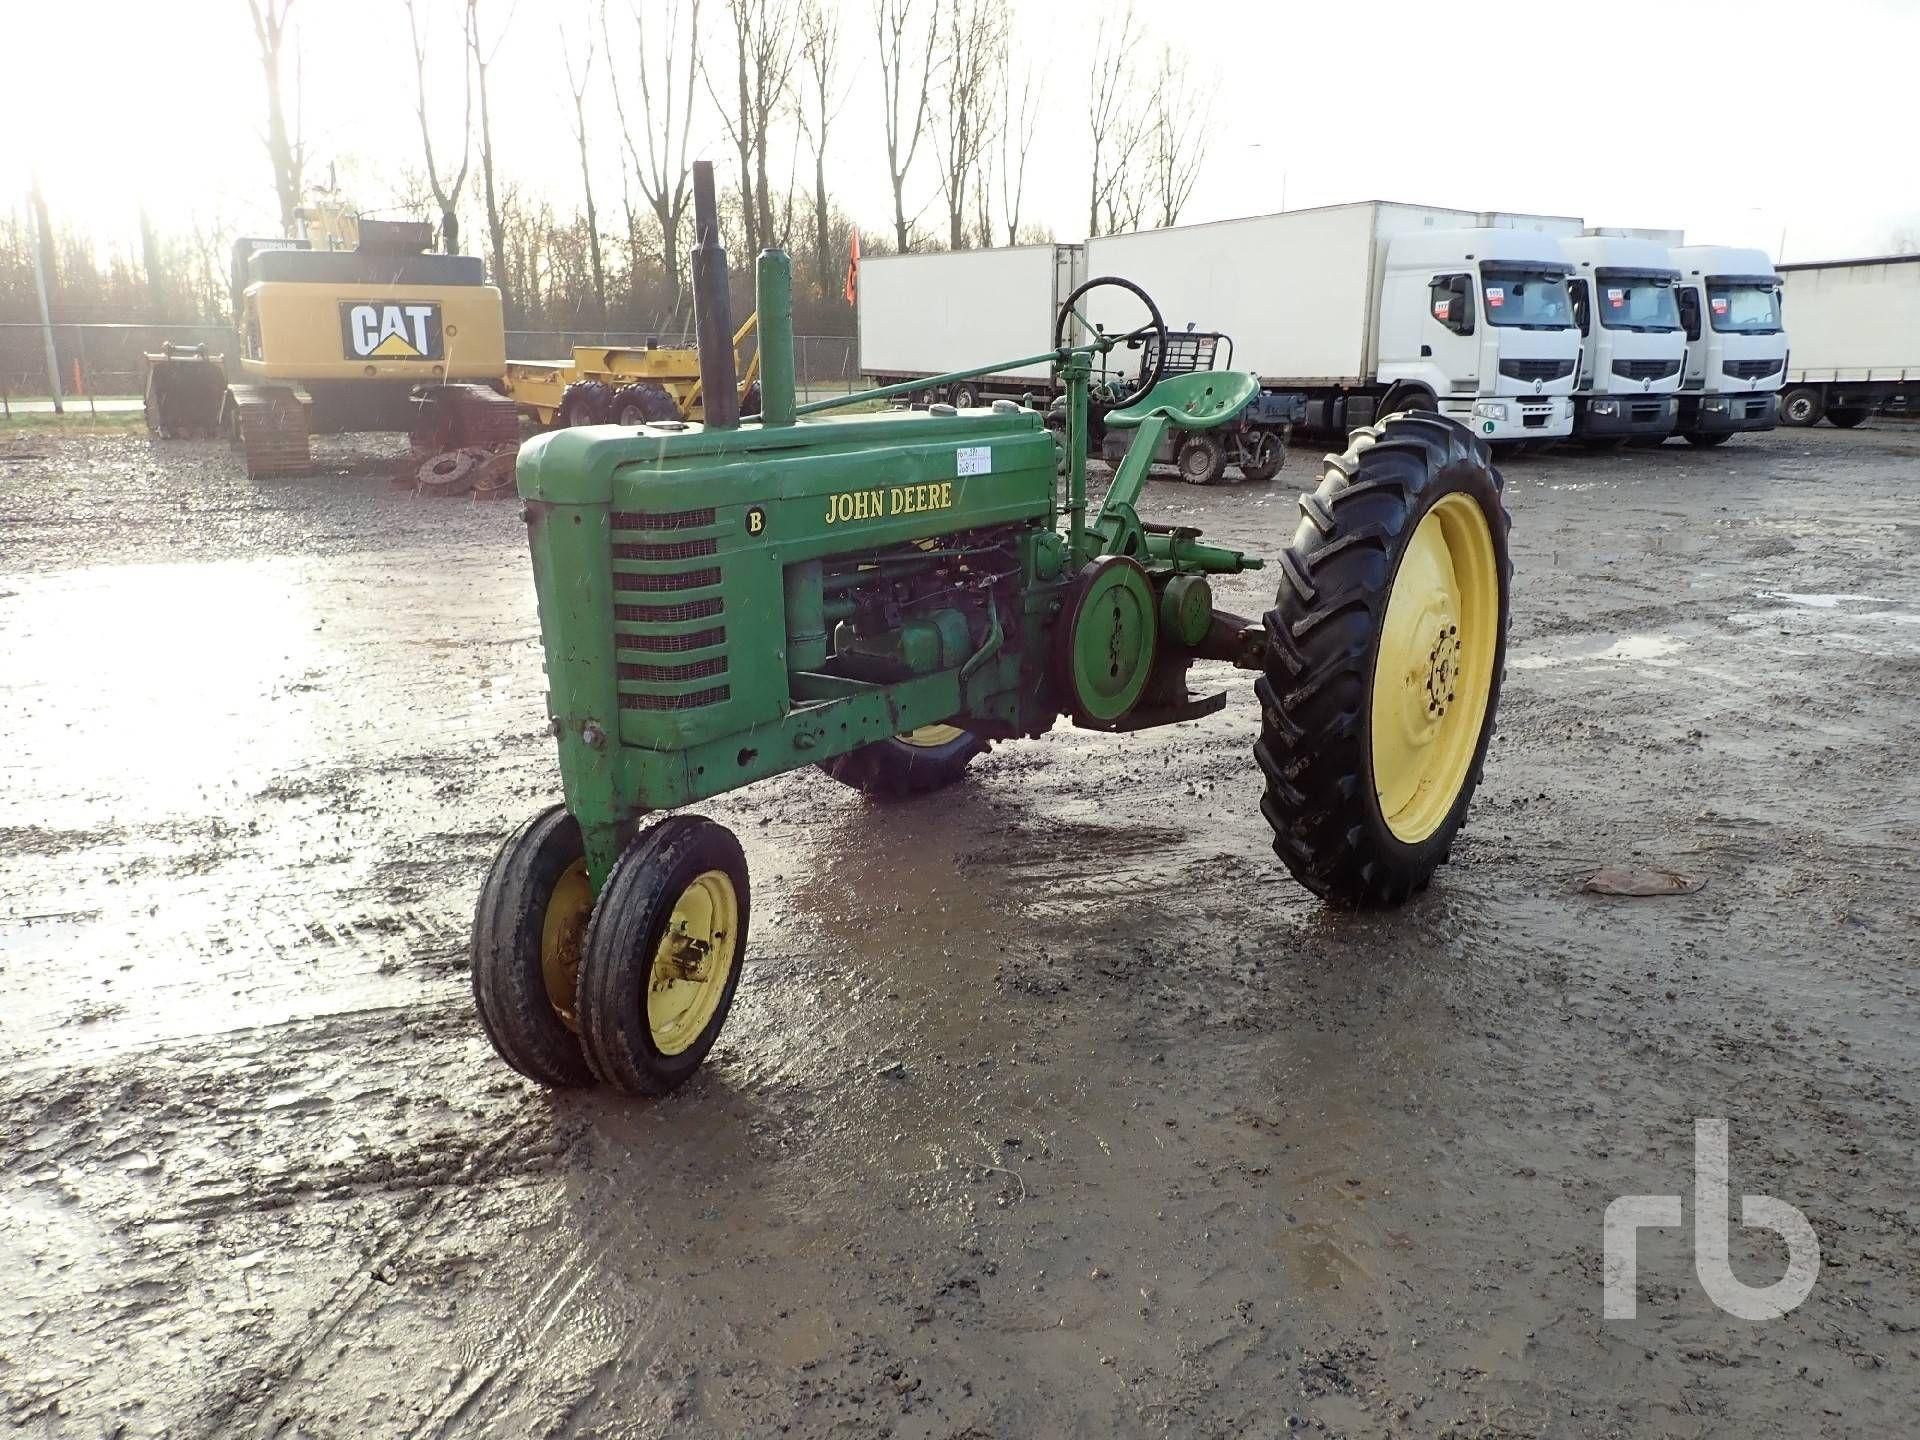 JOHN DEERE B Antik Traktor Lot # 971